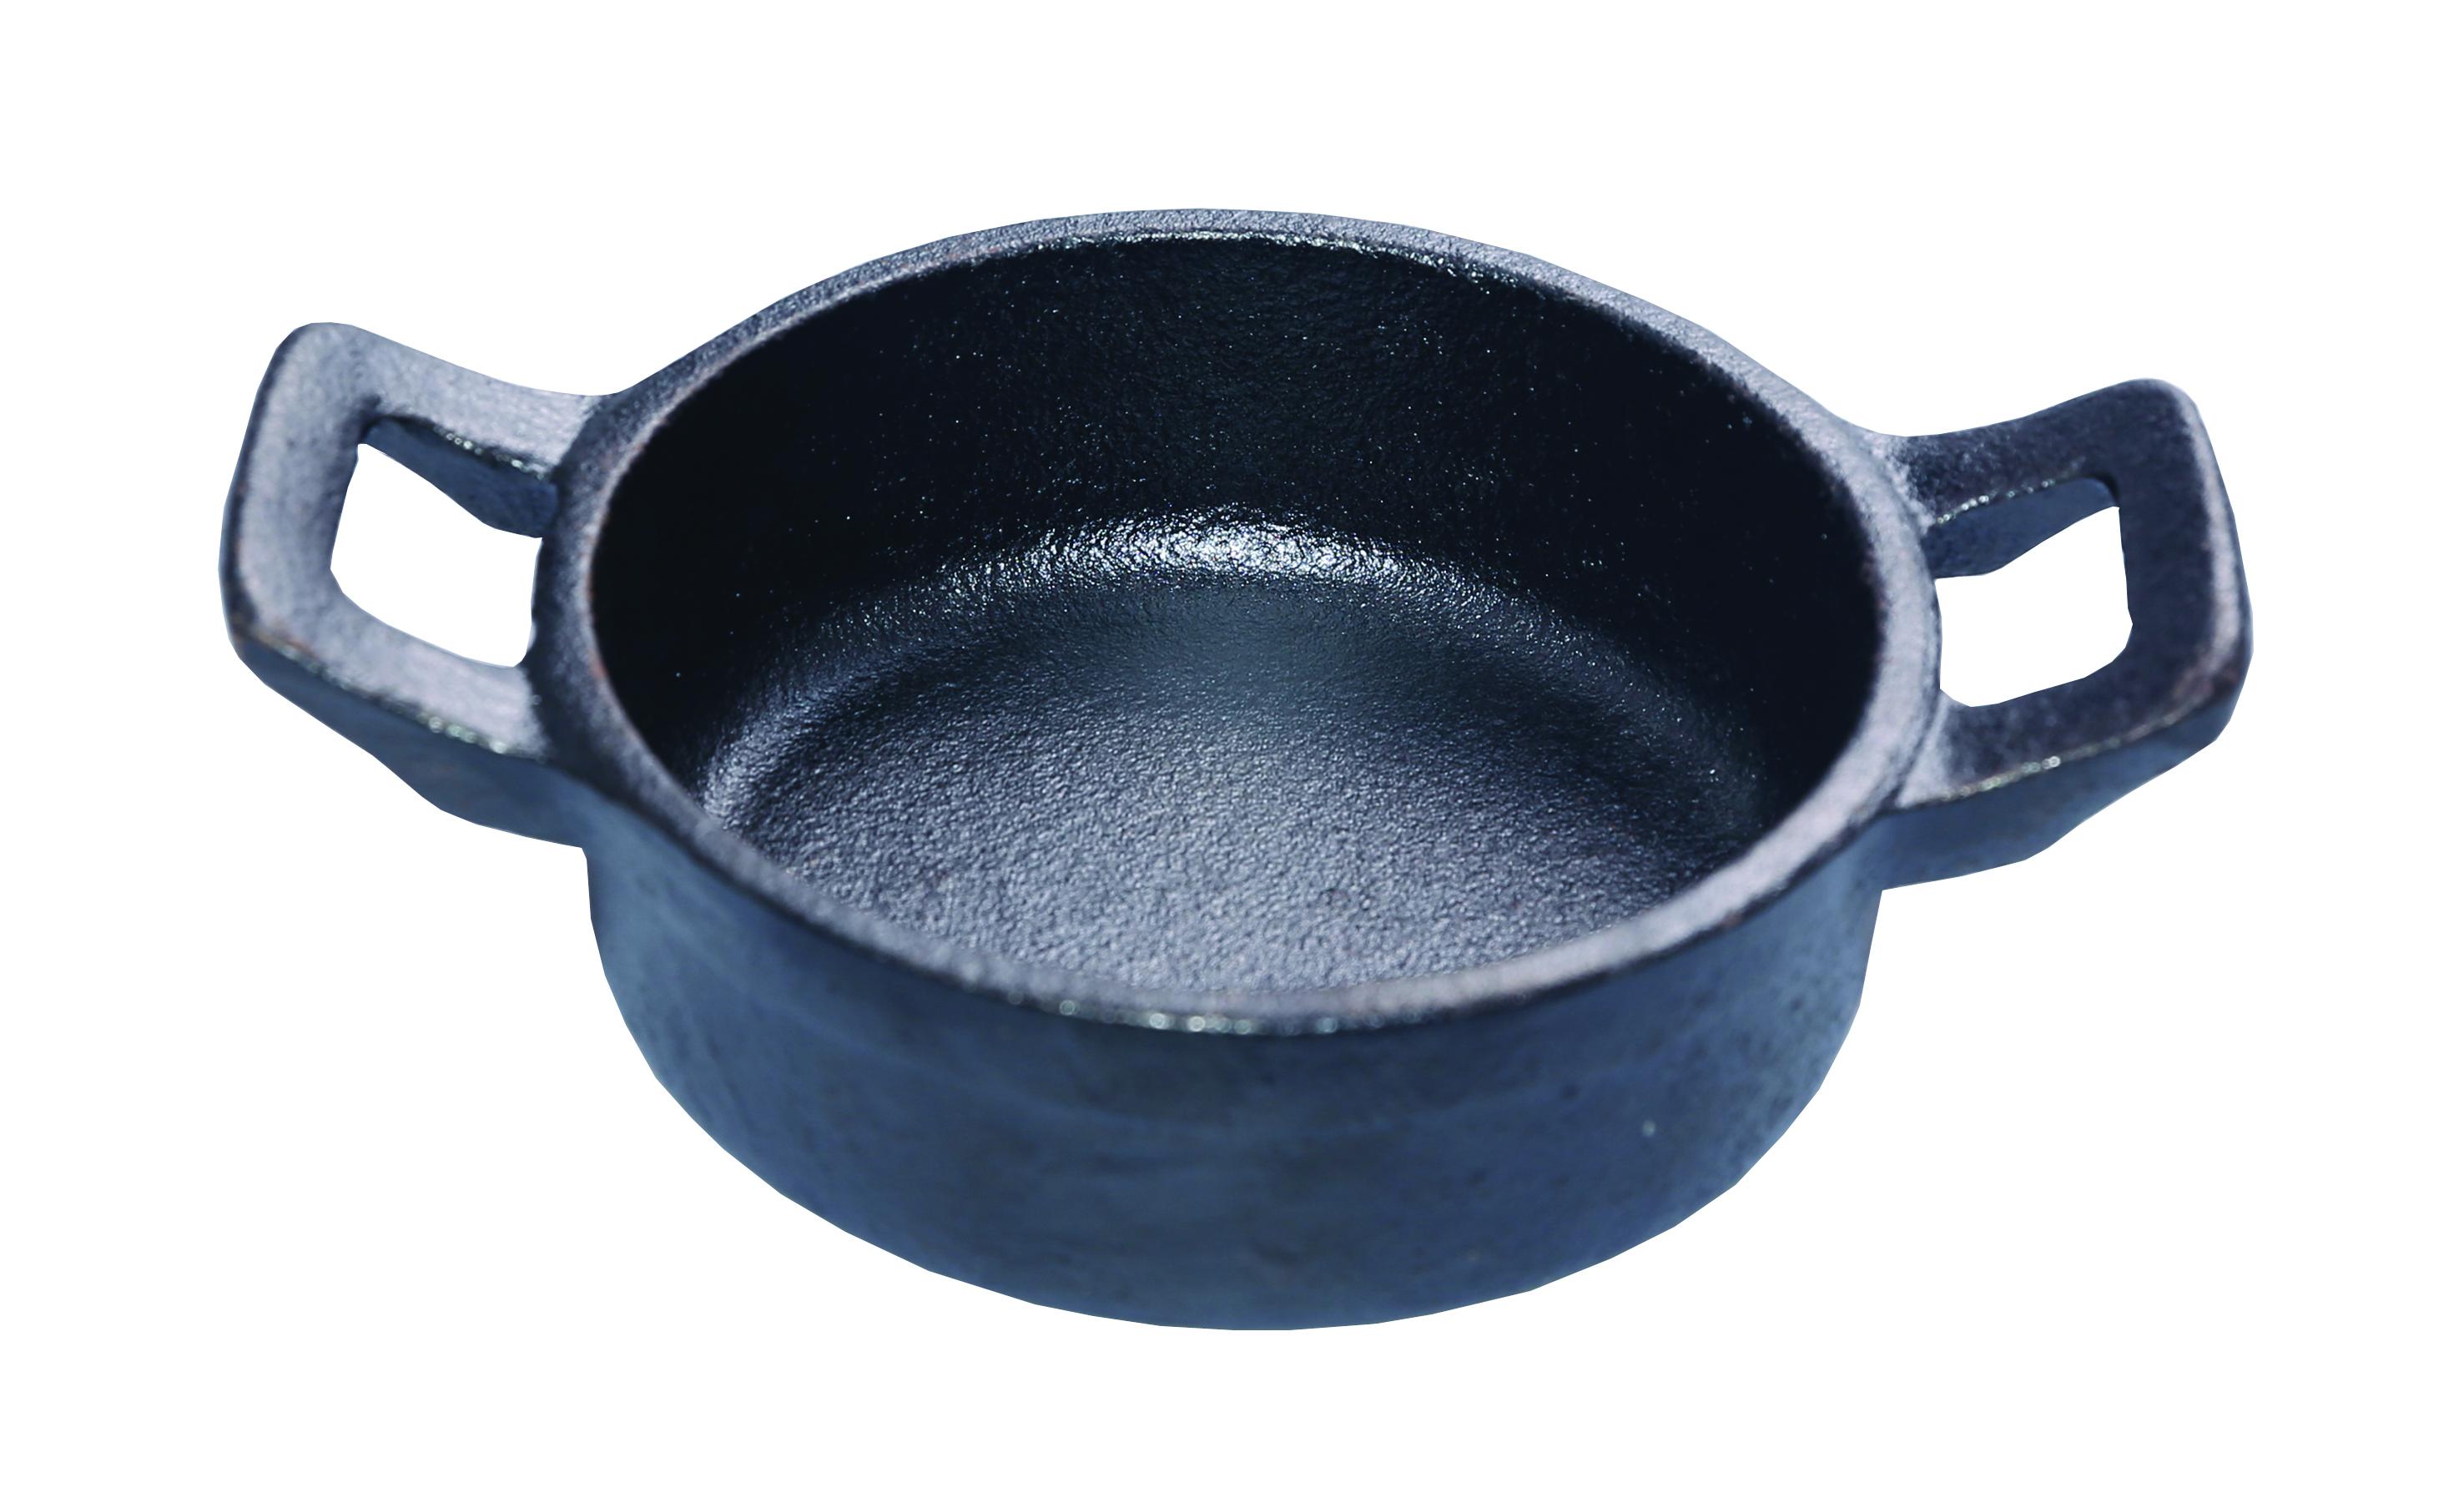 Round serving dish